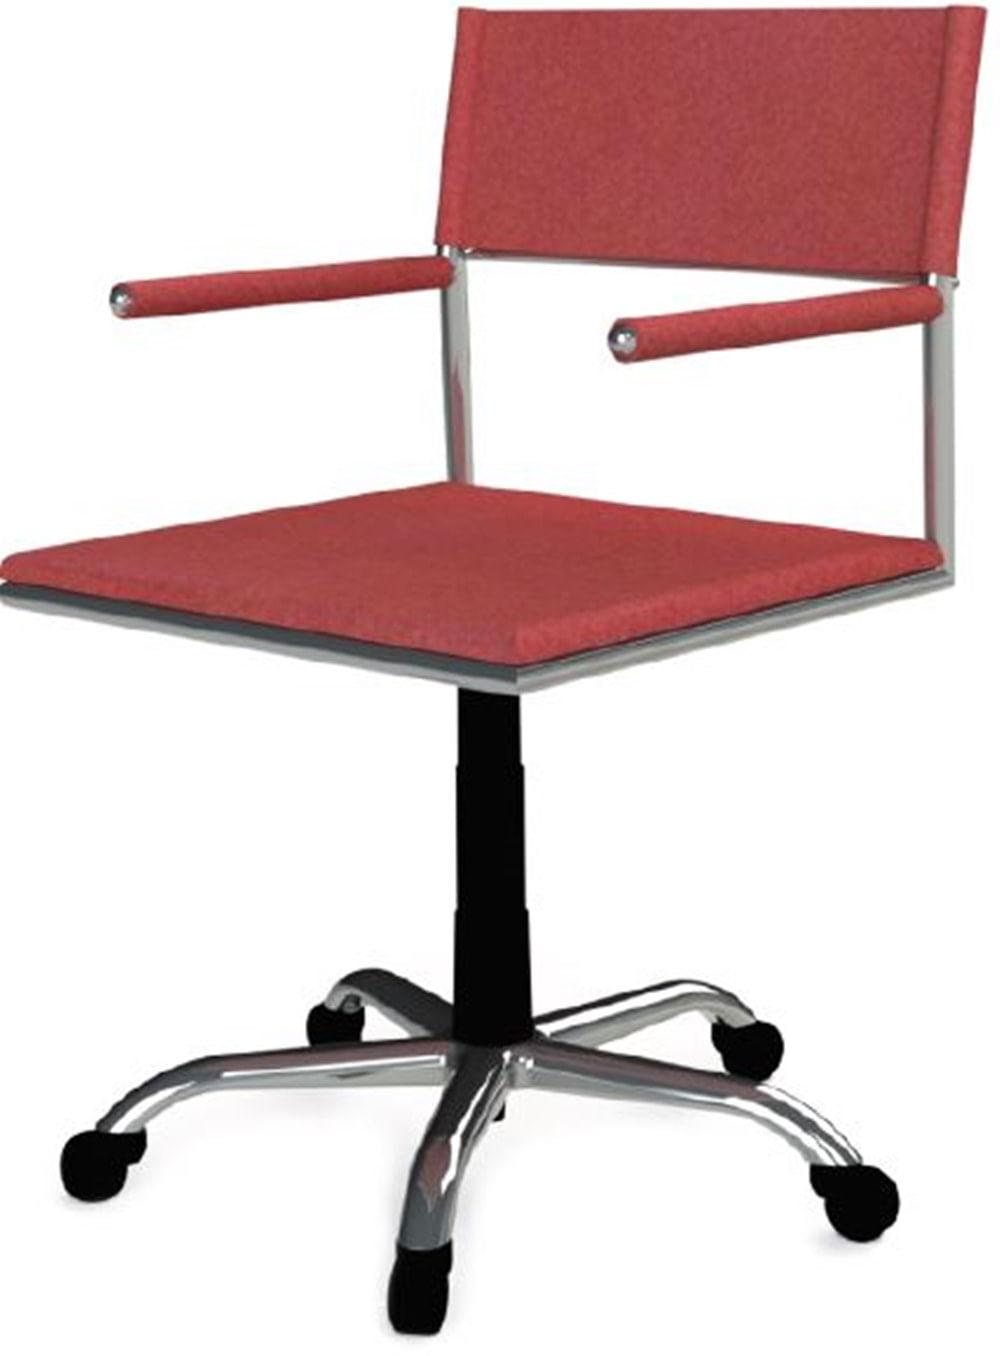 Cadeira Escritorio Elegante Couro Prensado Vermelho Cromada Rodizios - 41036